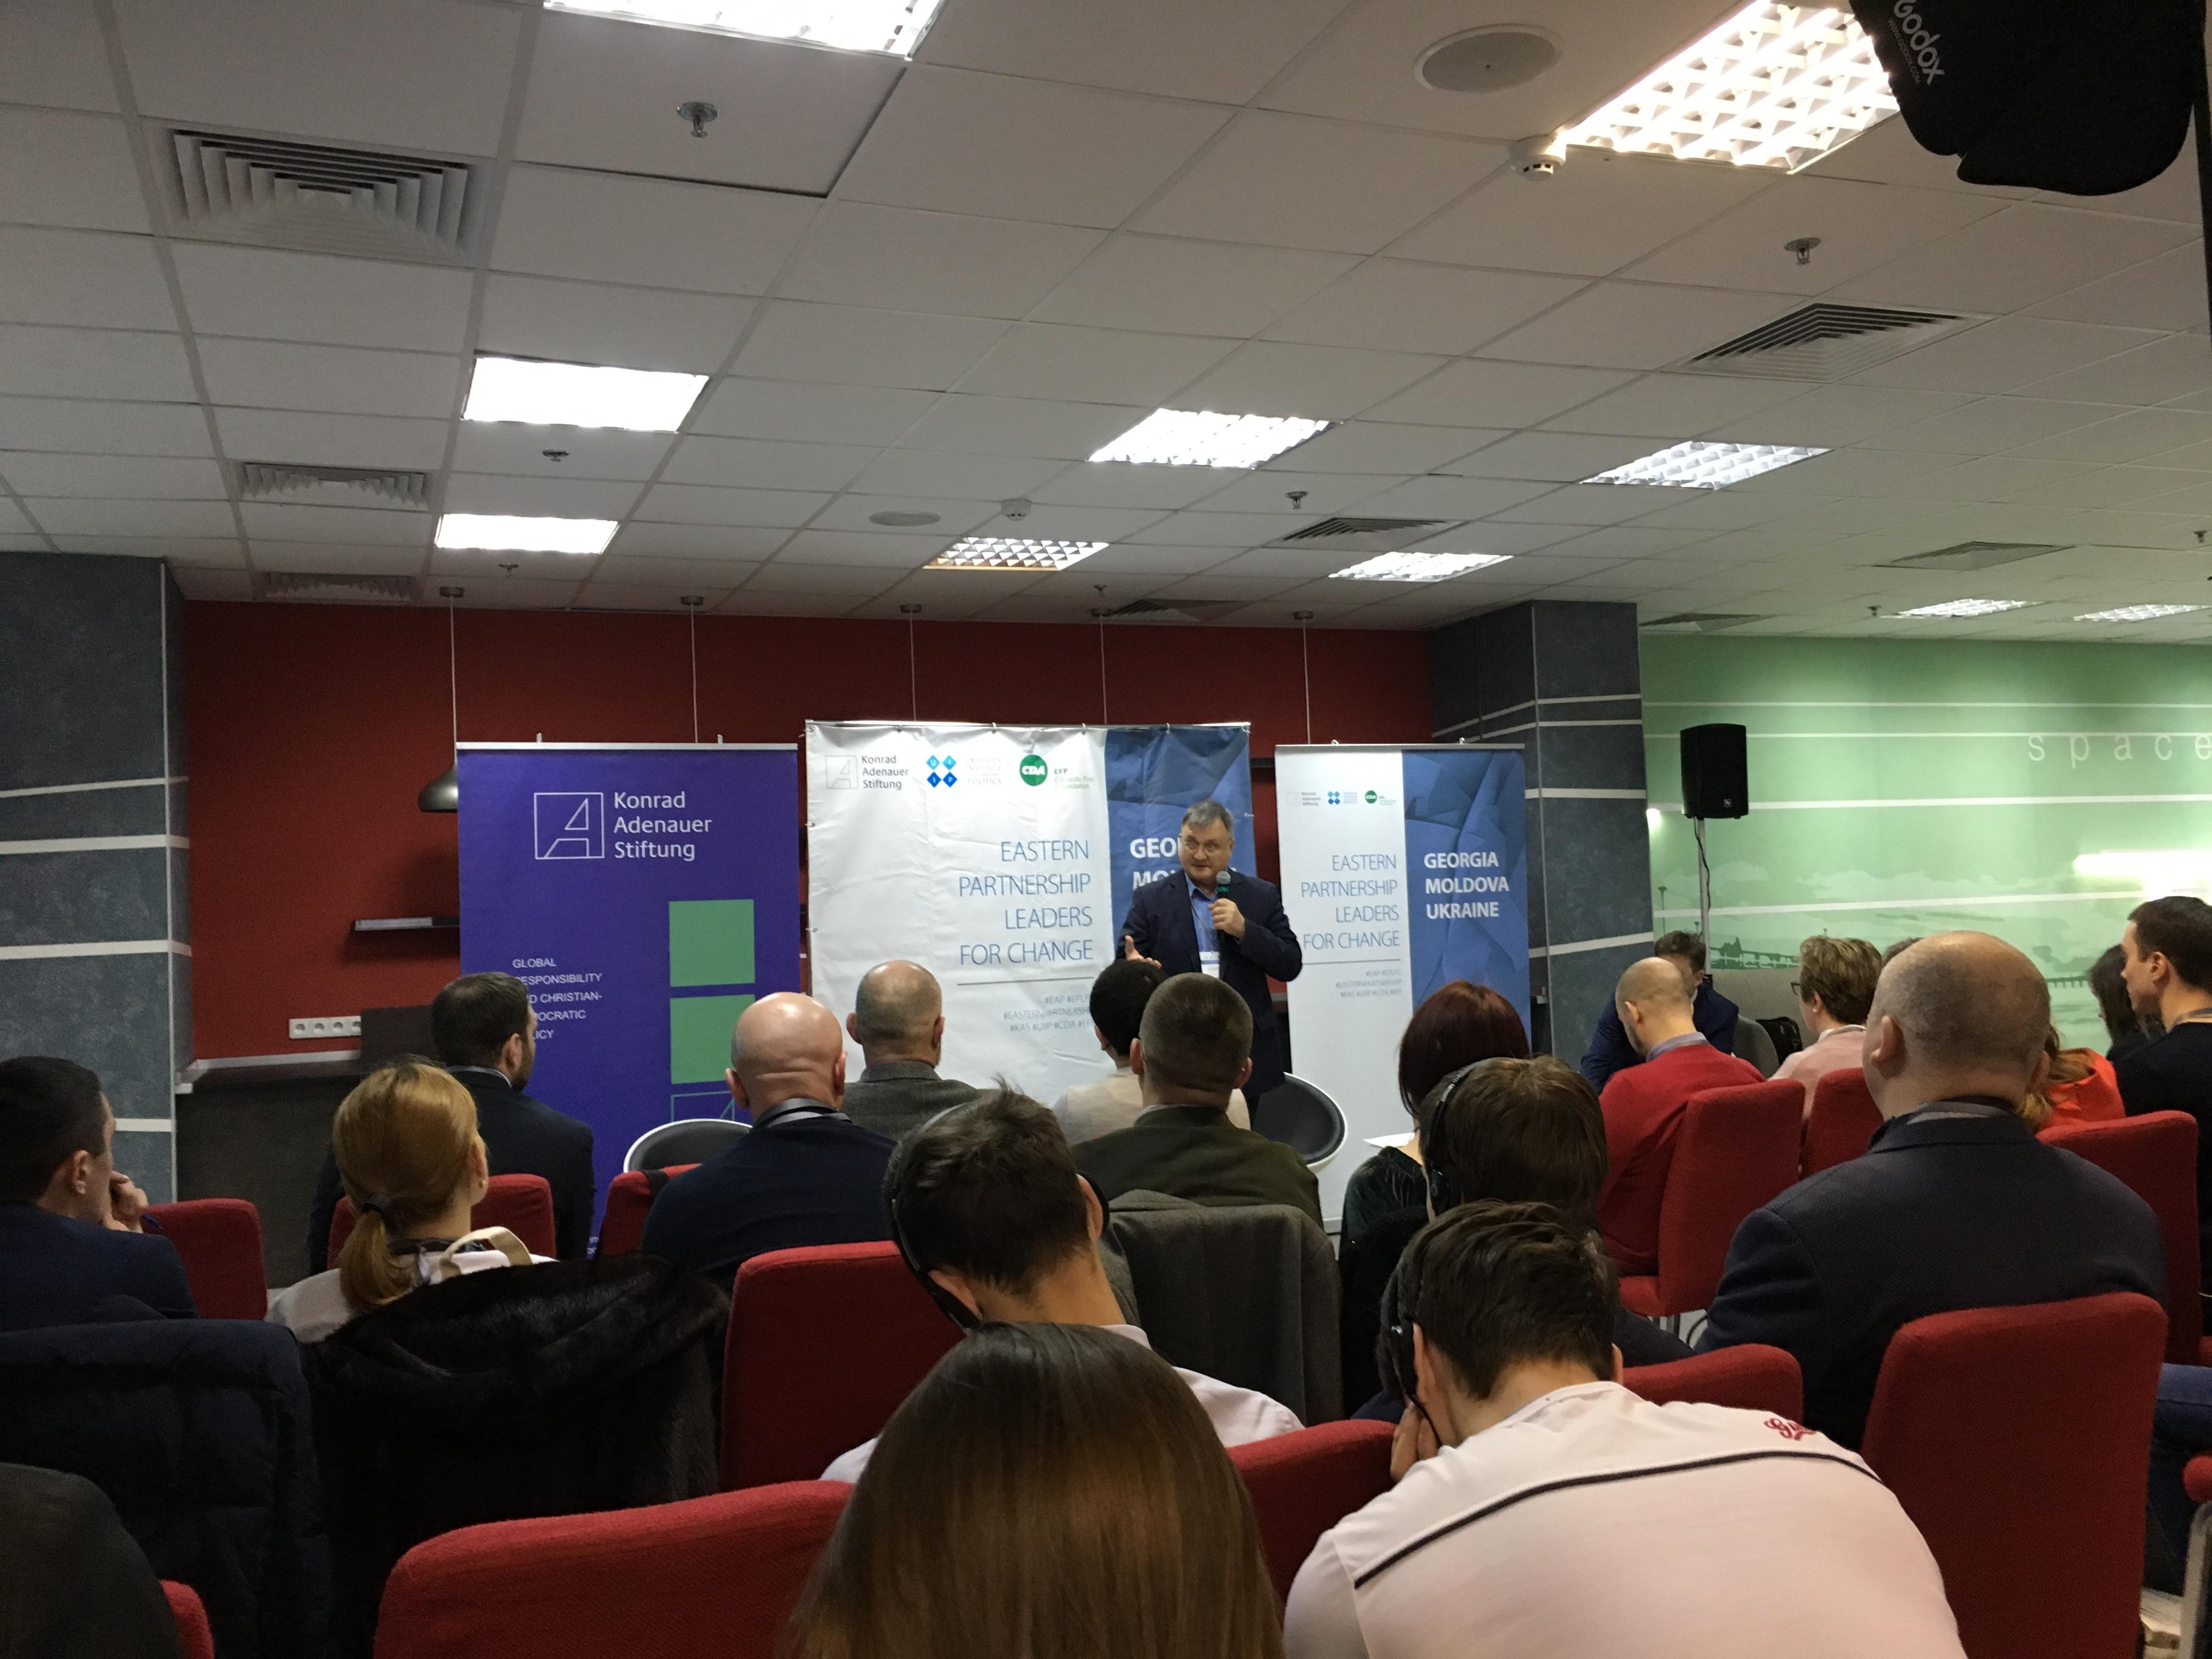 Profesorul Ievgen Bistrițchi de la Institutul de Filosofie din cadrul Academiei Naționale de Științe a Ucrainei: propaganda rusă poate fi combătută prin crearea de către UE a unei rețele care să lupte cu acest flagel la nivel european